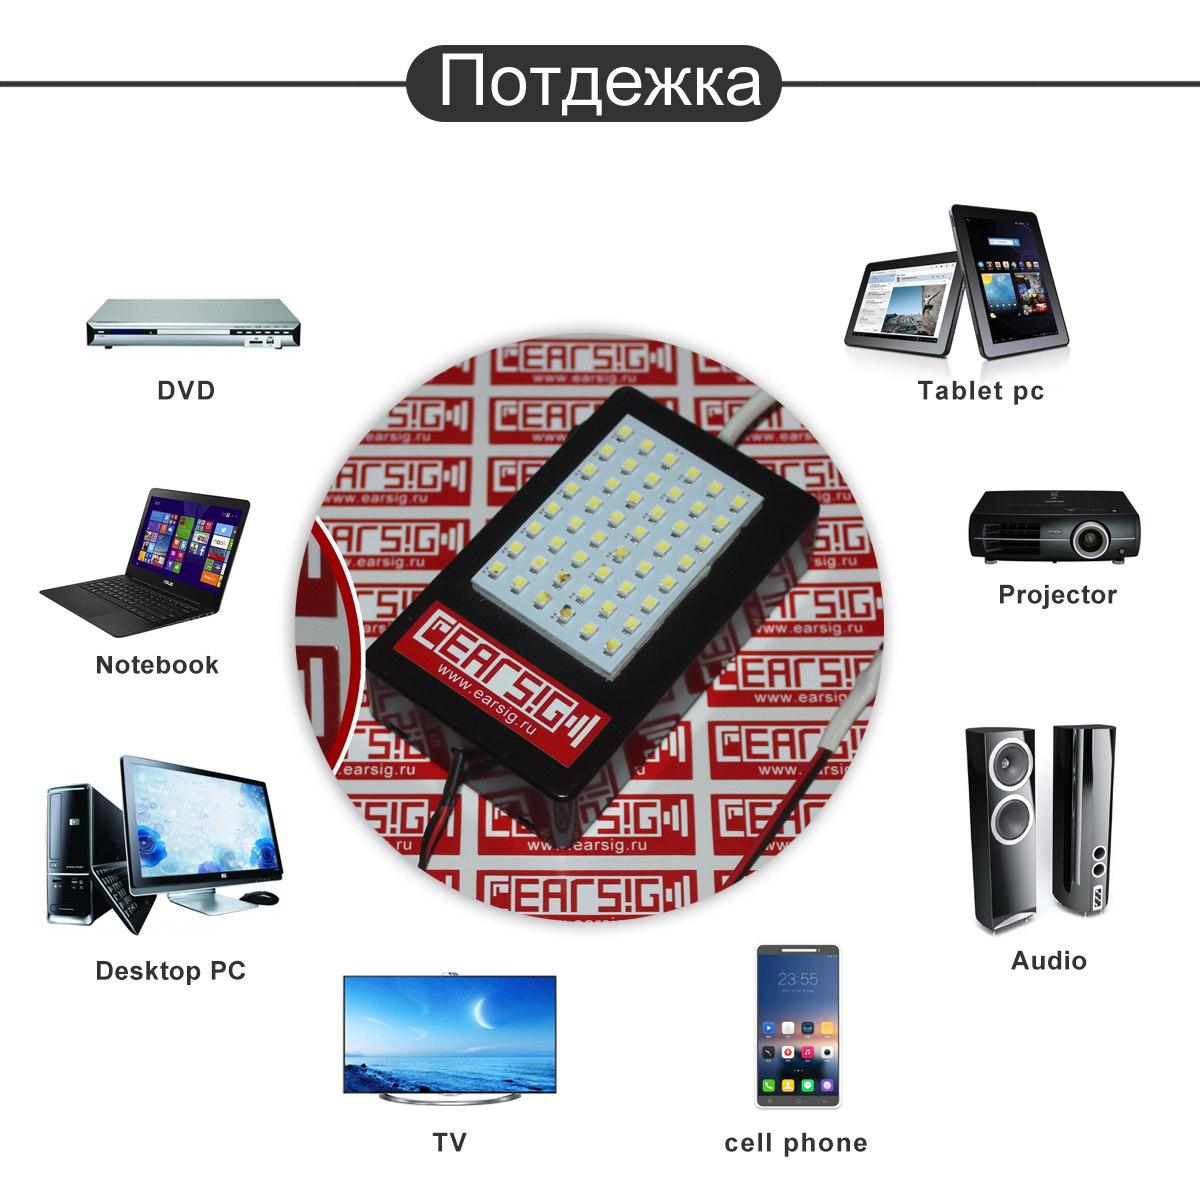 Сигнализатор световой для смартфонов